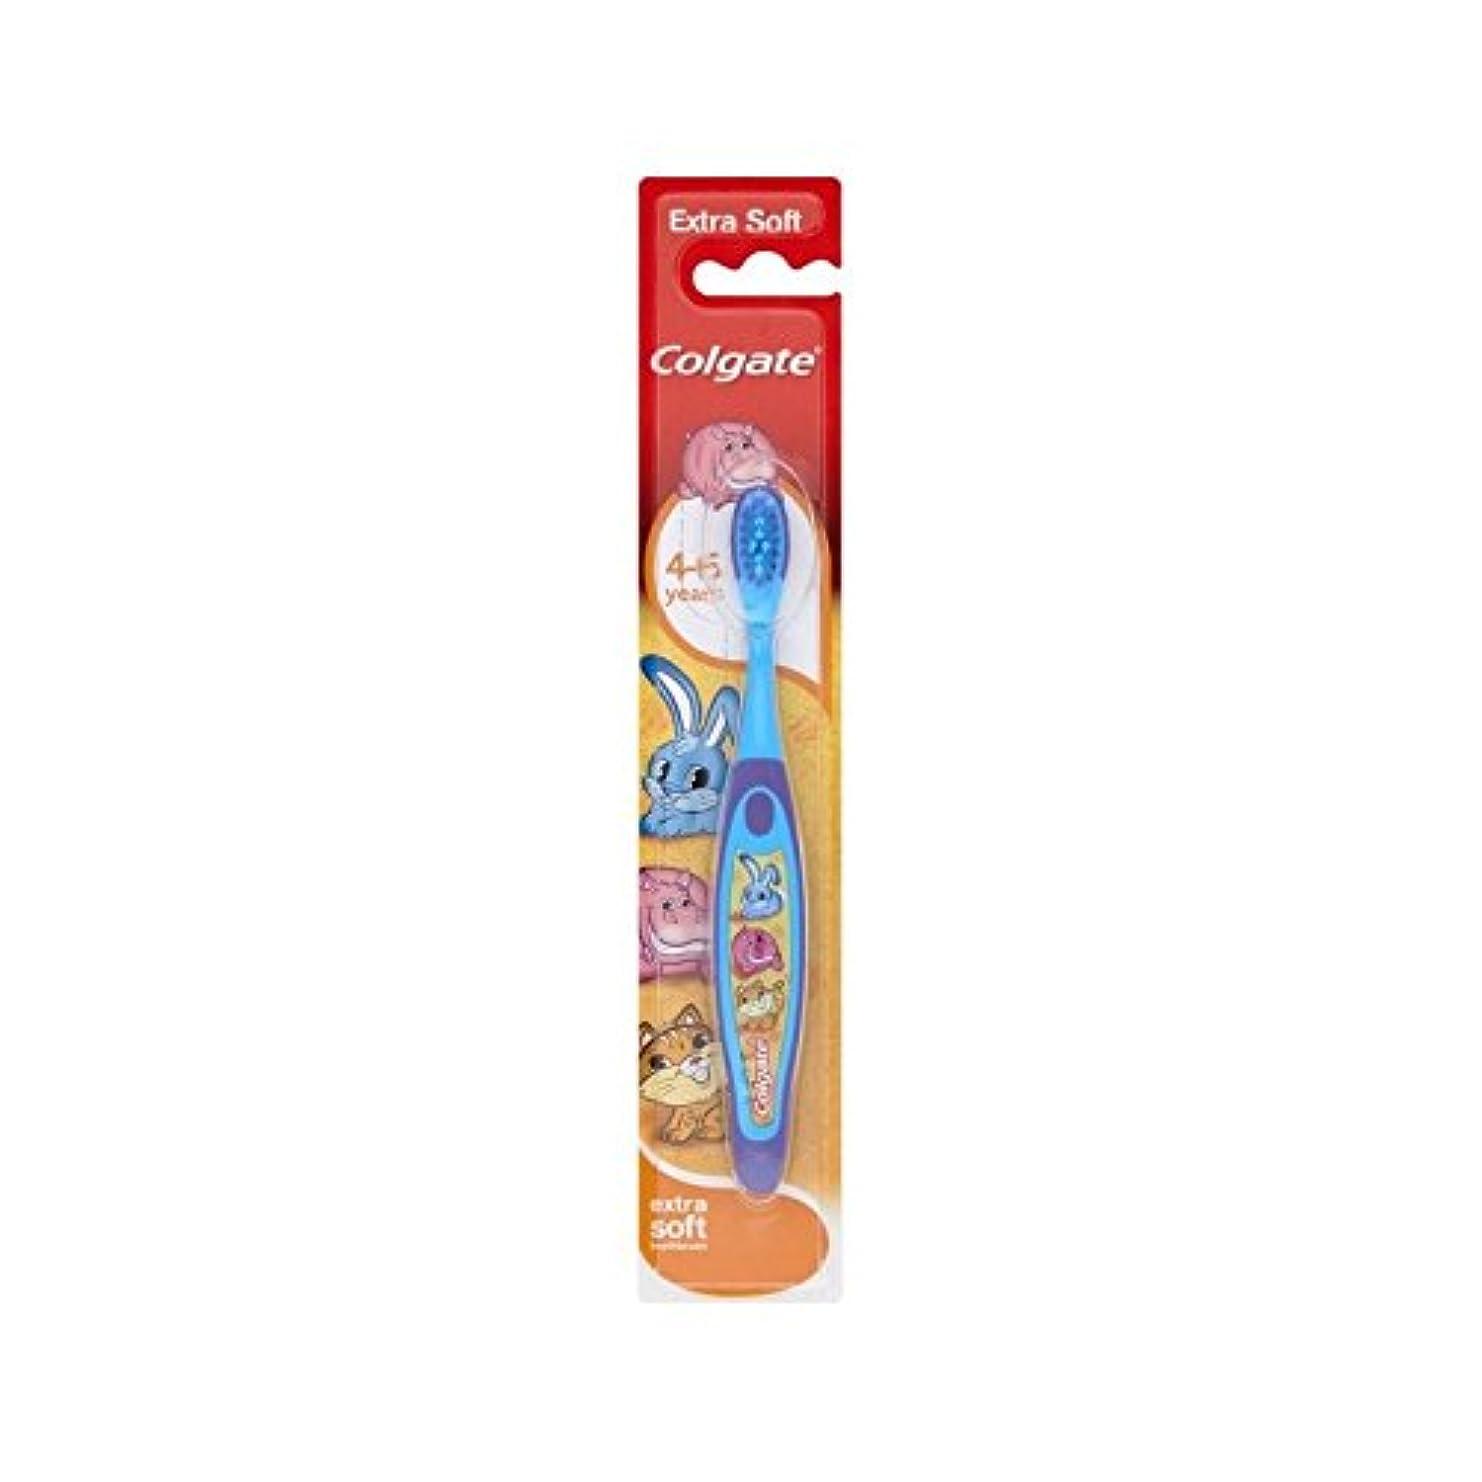 自動著名なファンド4-6歳の歯ブラシを笑顔 (Colgate) (x 6) - Colgate Smiles 4-6 Years Old Toothbrush (Pack of 6) [並行輸入品]